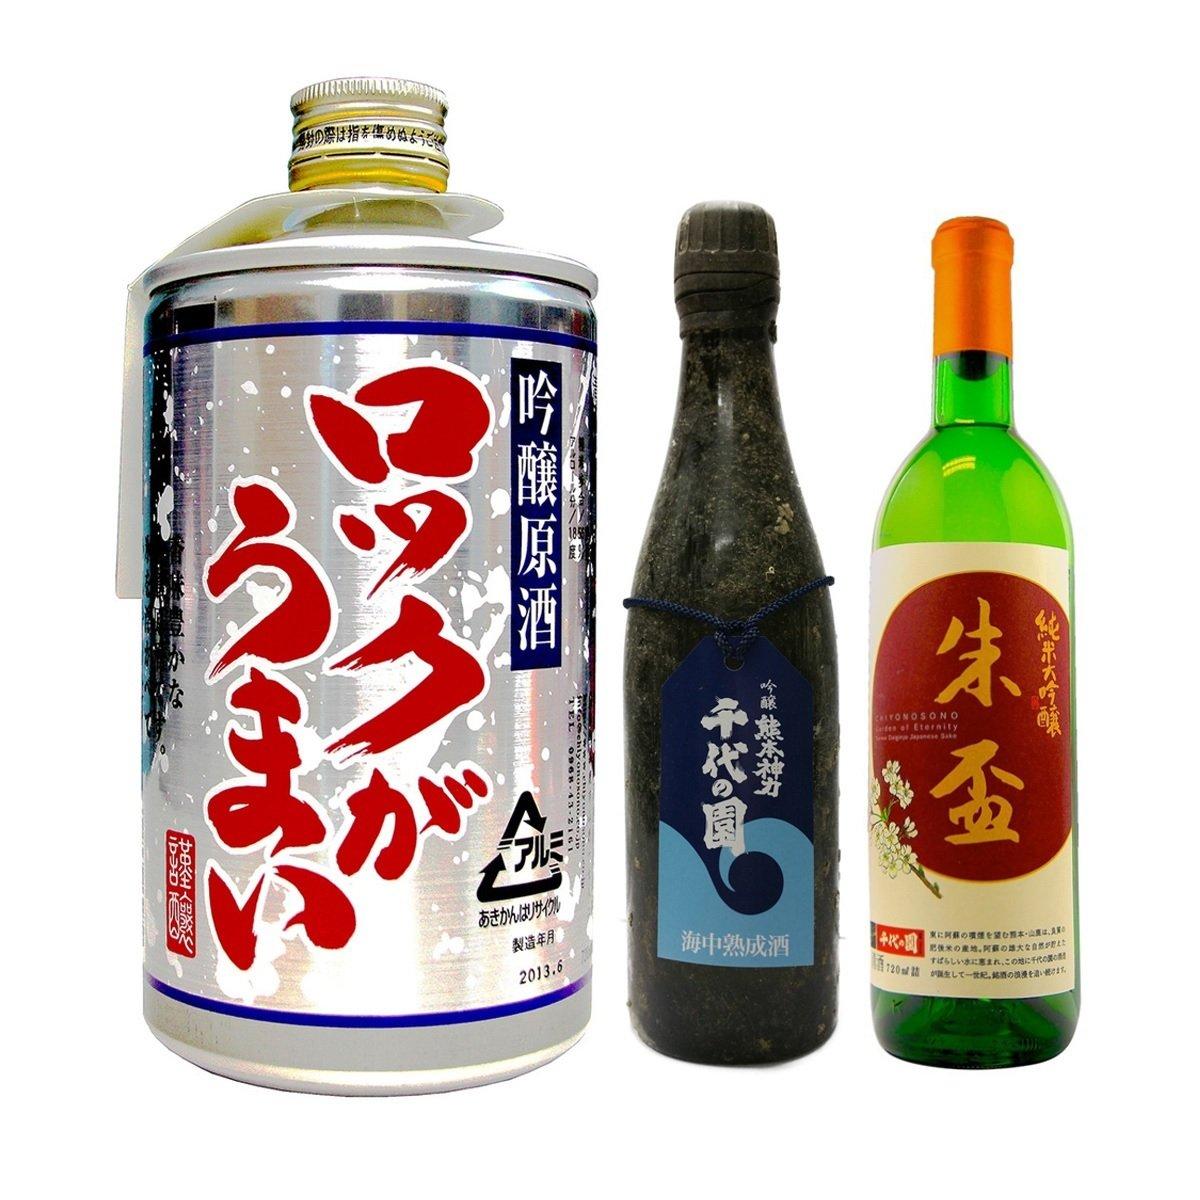 「海中熟成」x 純米大吟釀 x 原酒 'On-Rock